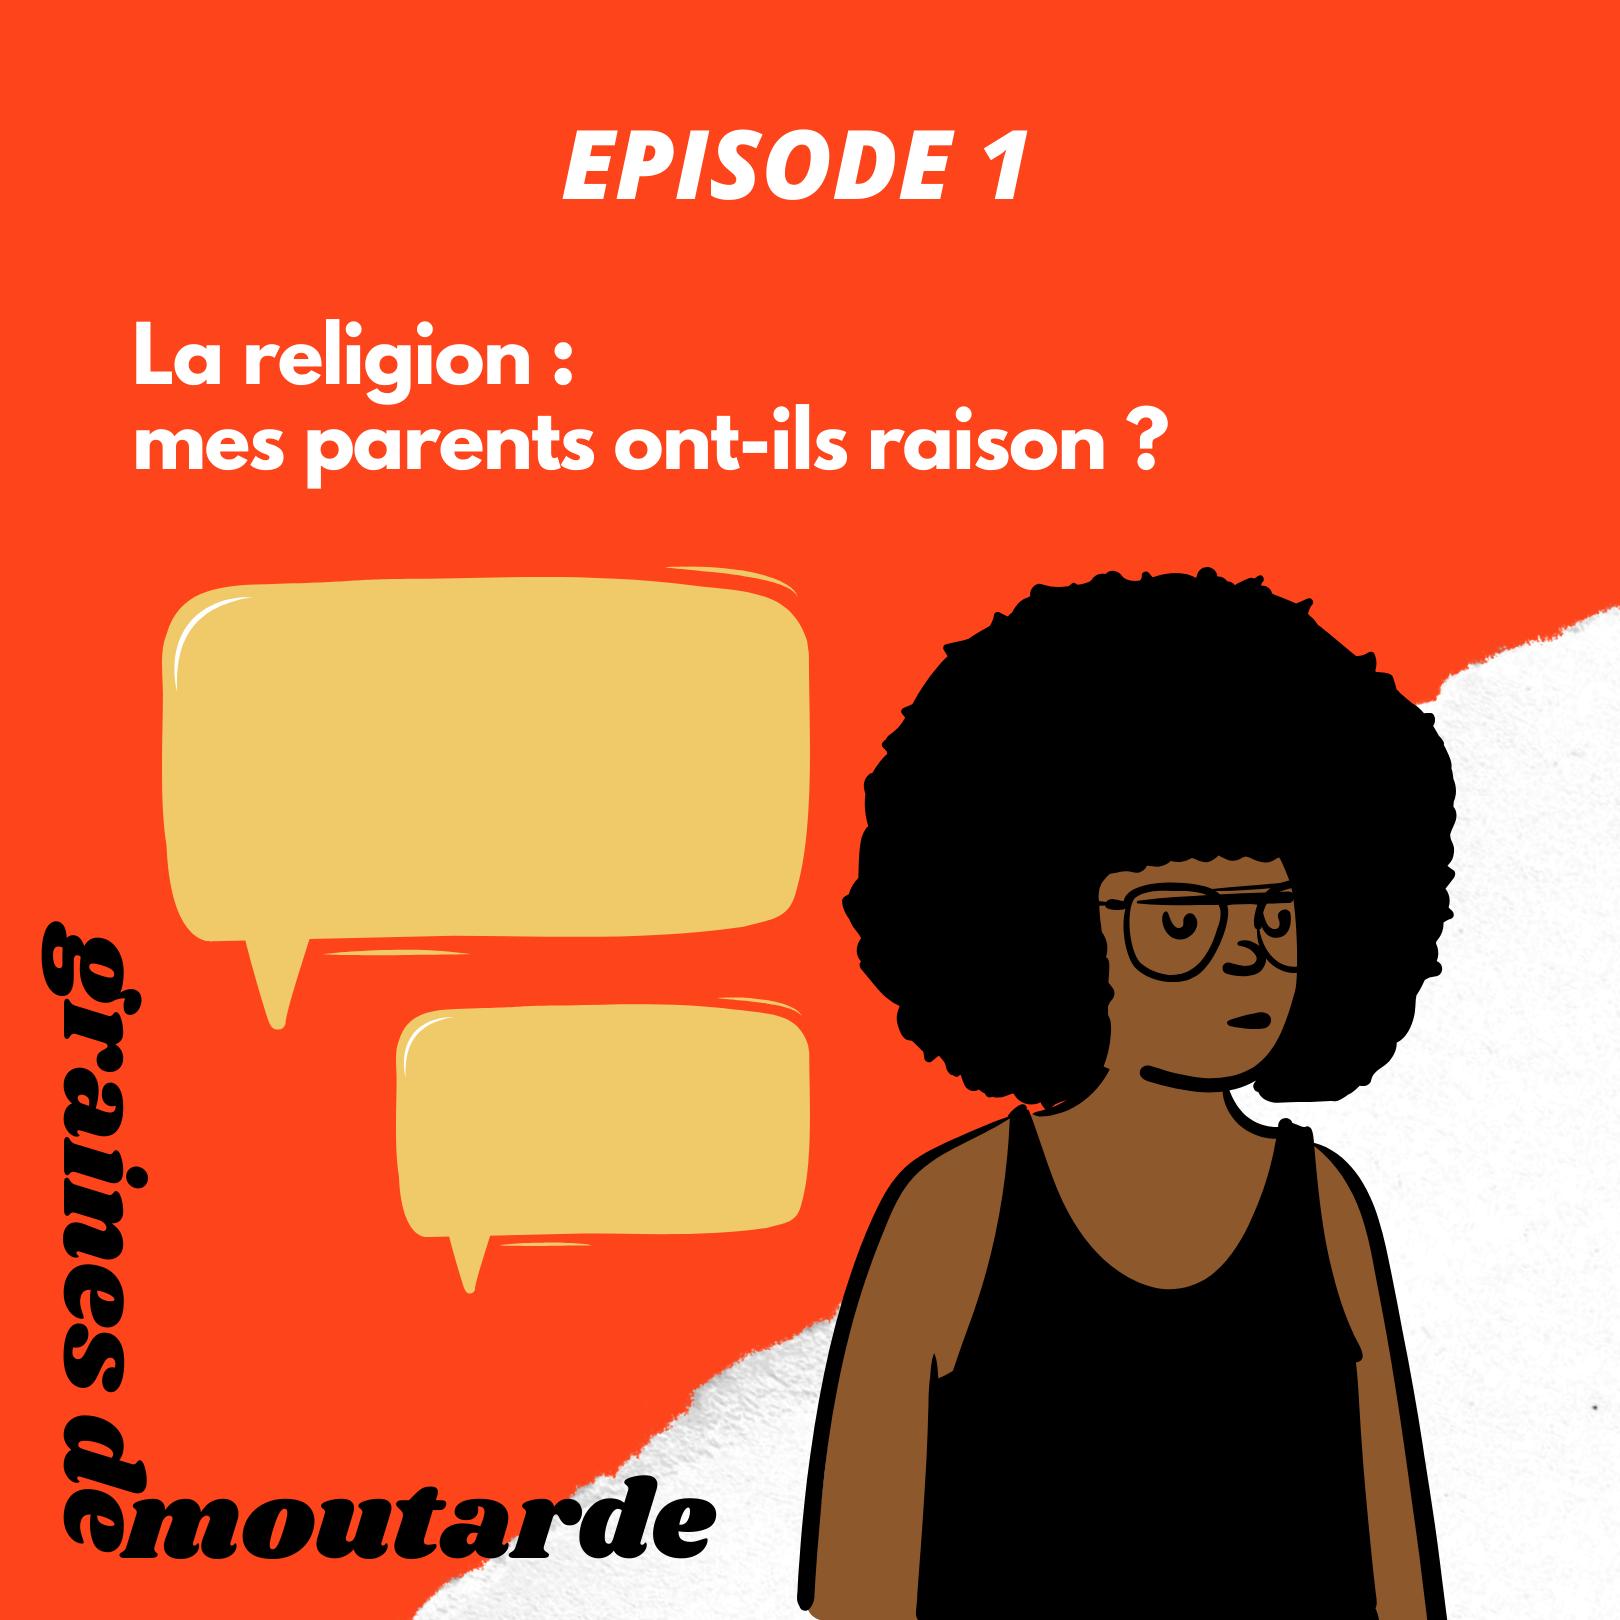 EPISODE 1 : La religion, mes parents ont-ils raison ?